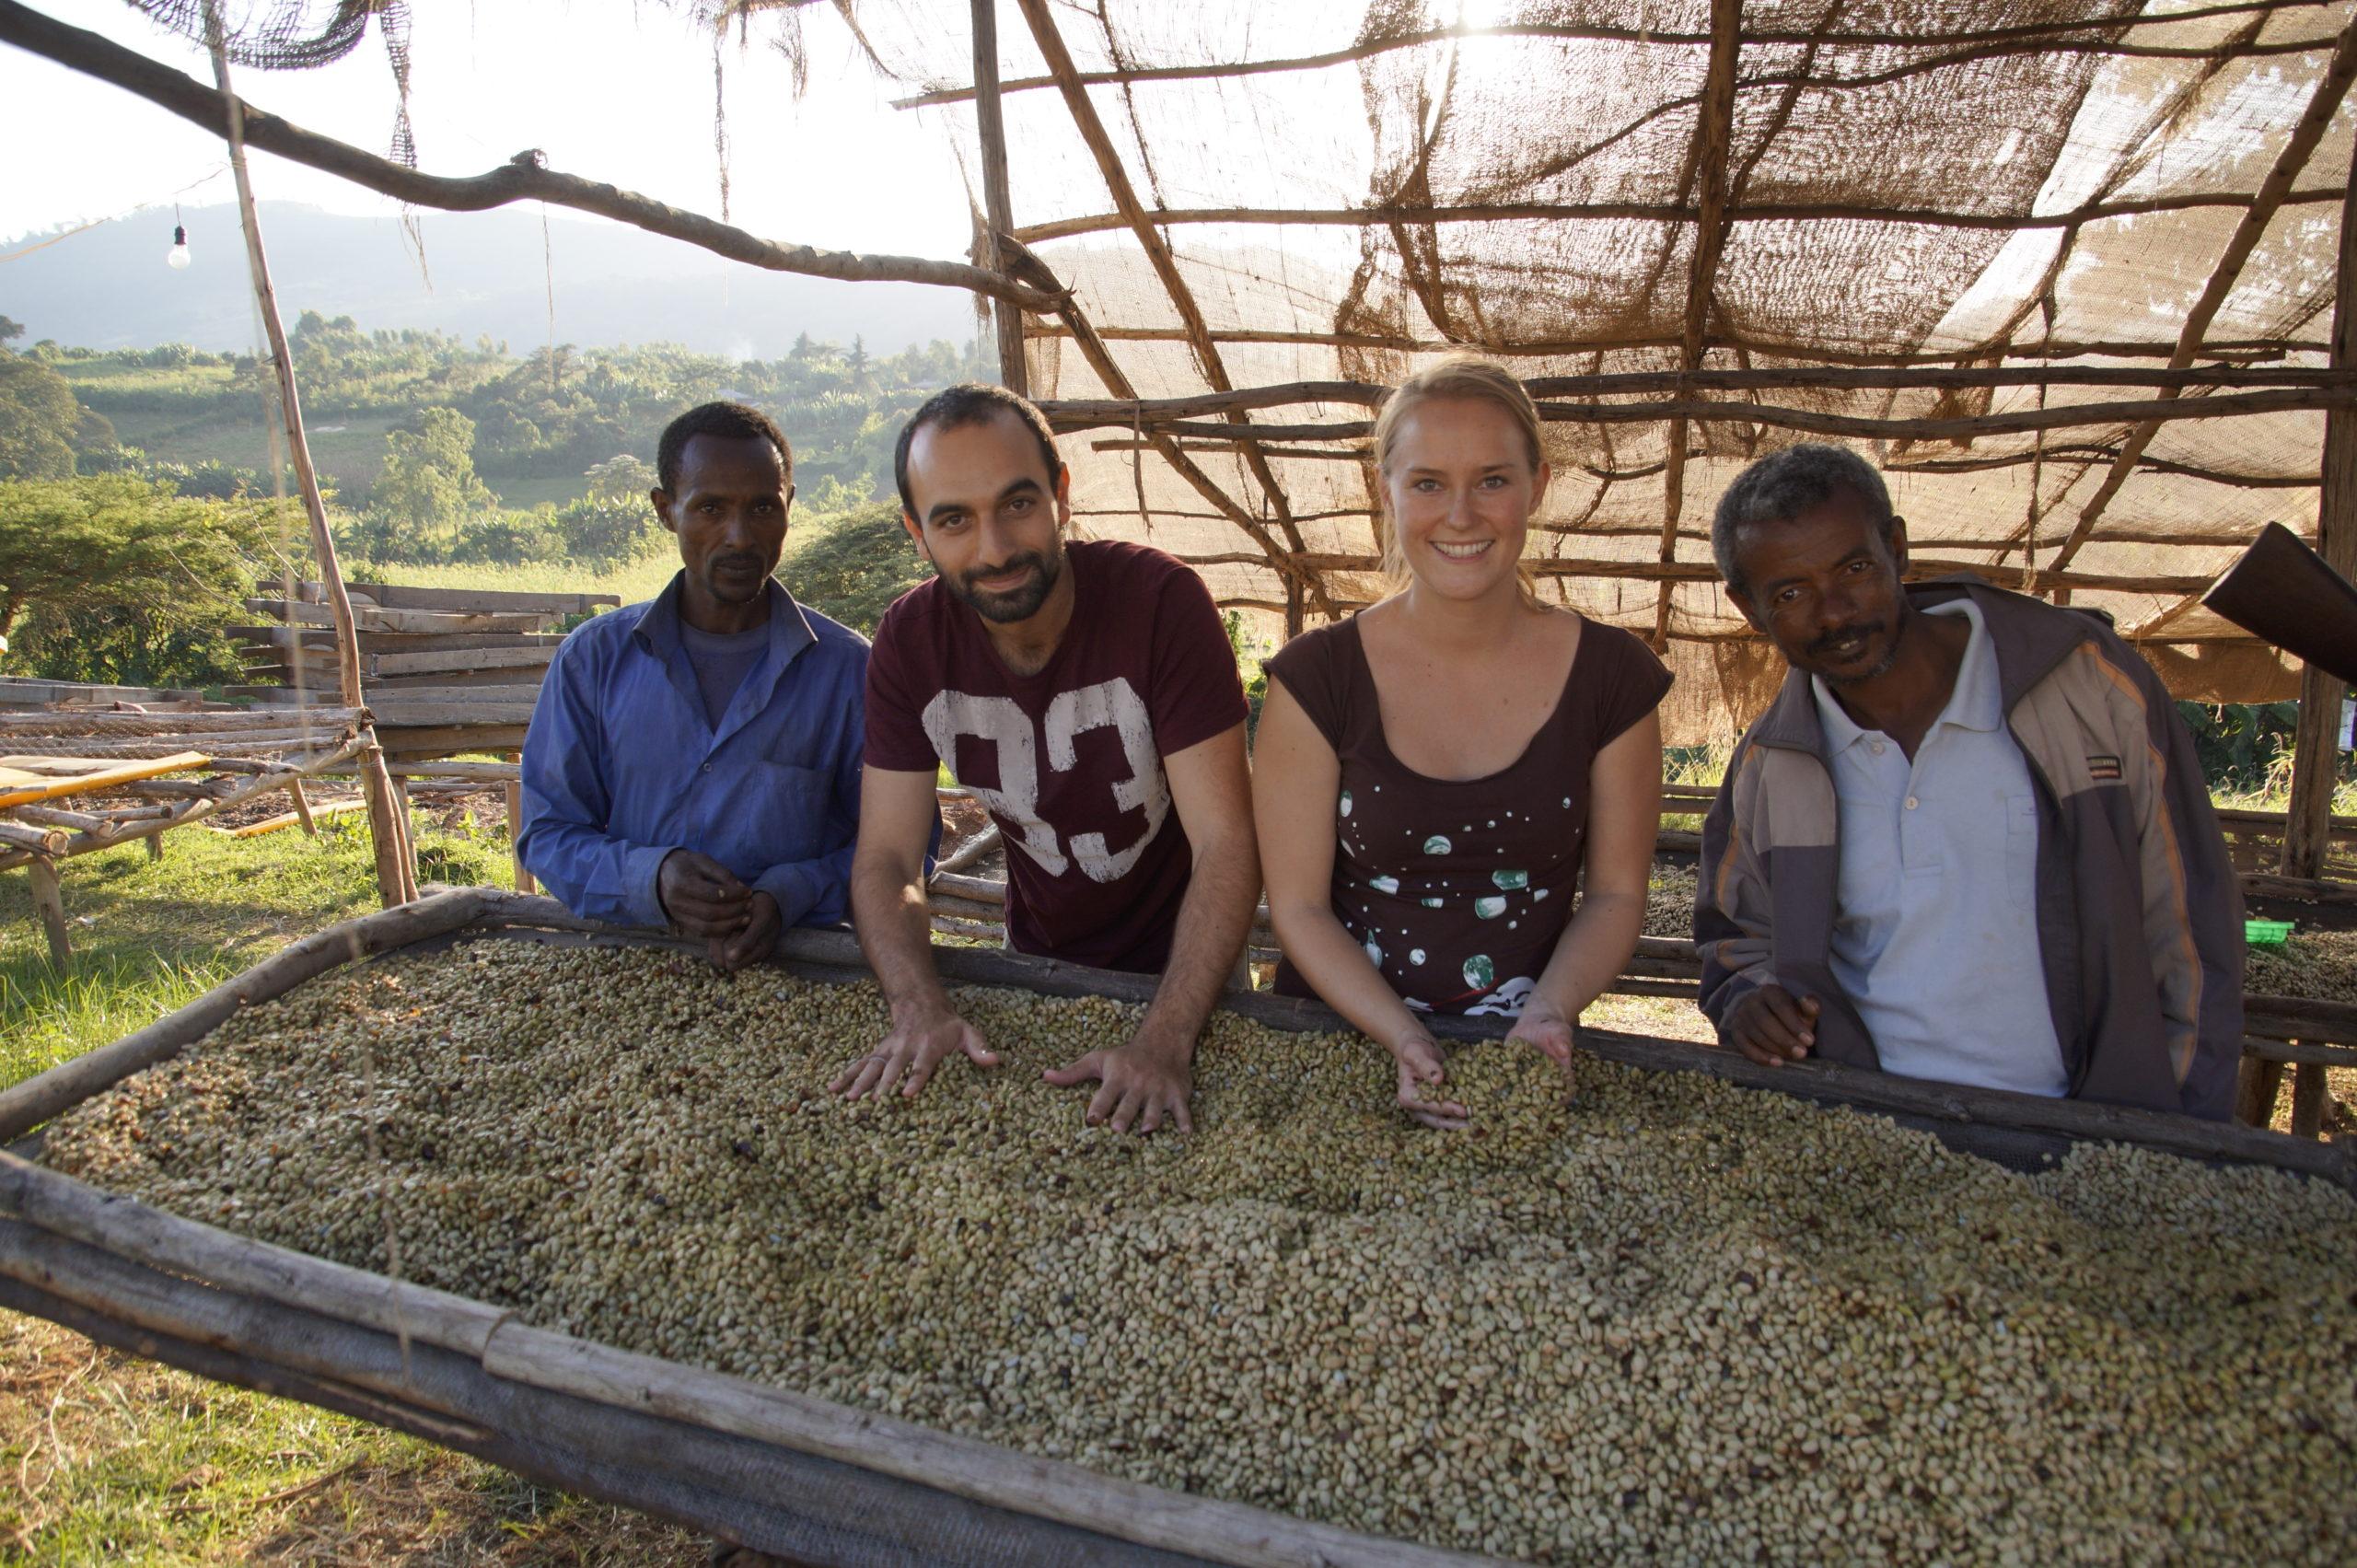 Marie et Michael avec les producteurs de cafe pres des tables de sechage scaled - Startups rund um den Bodensee